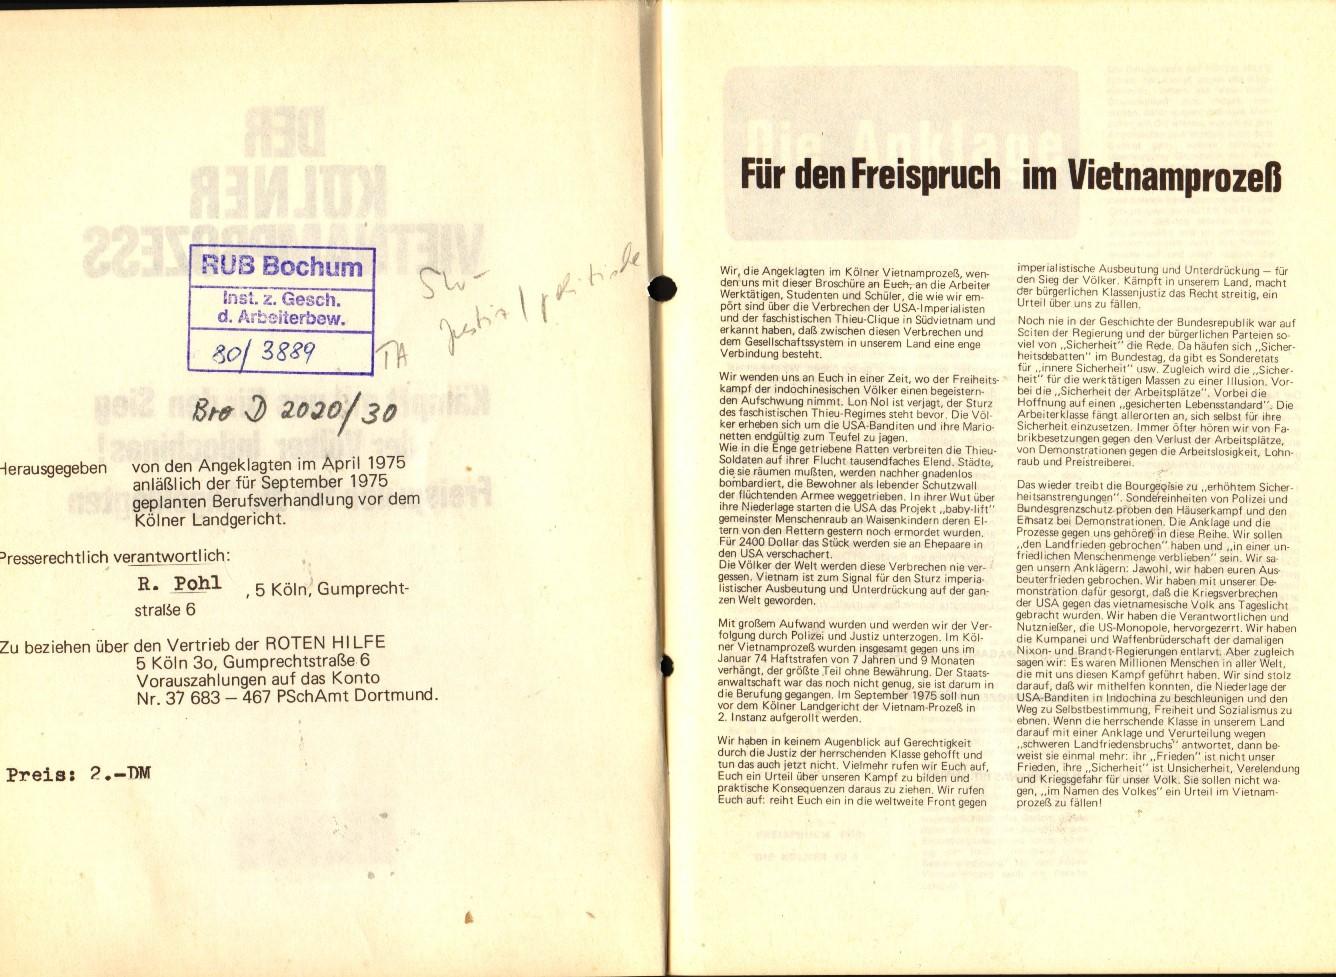 Koeln_RHeV_1975_Der_Koelner_Vietnamprozess_03